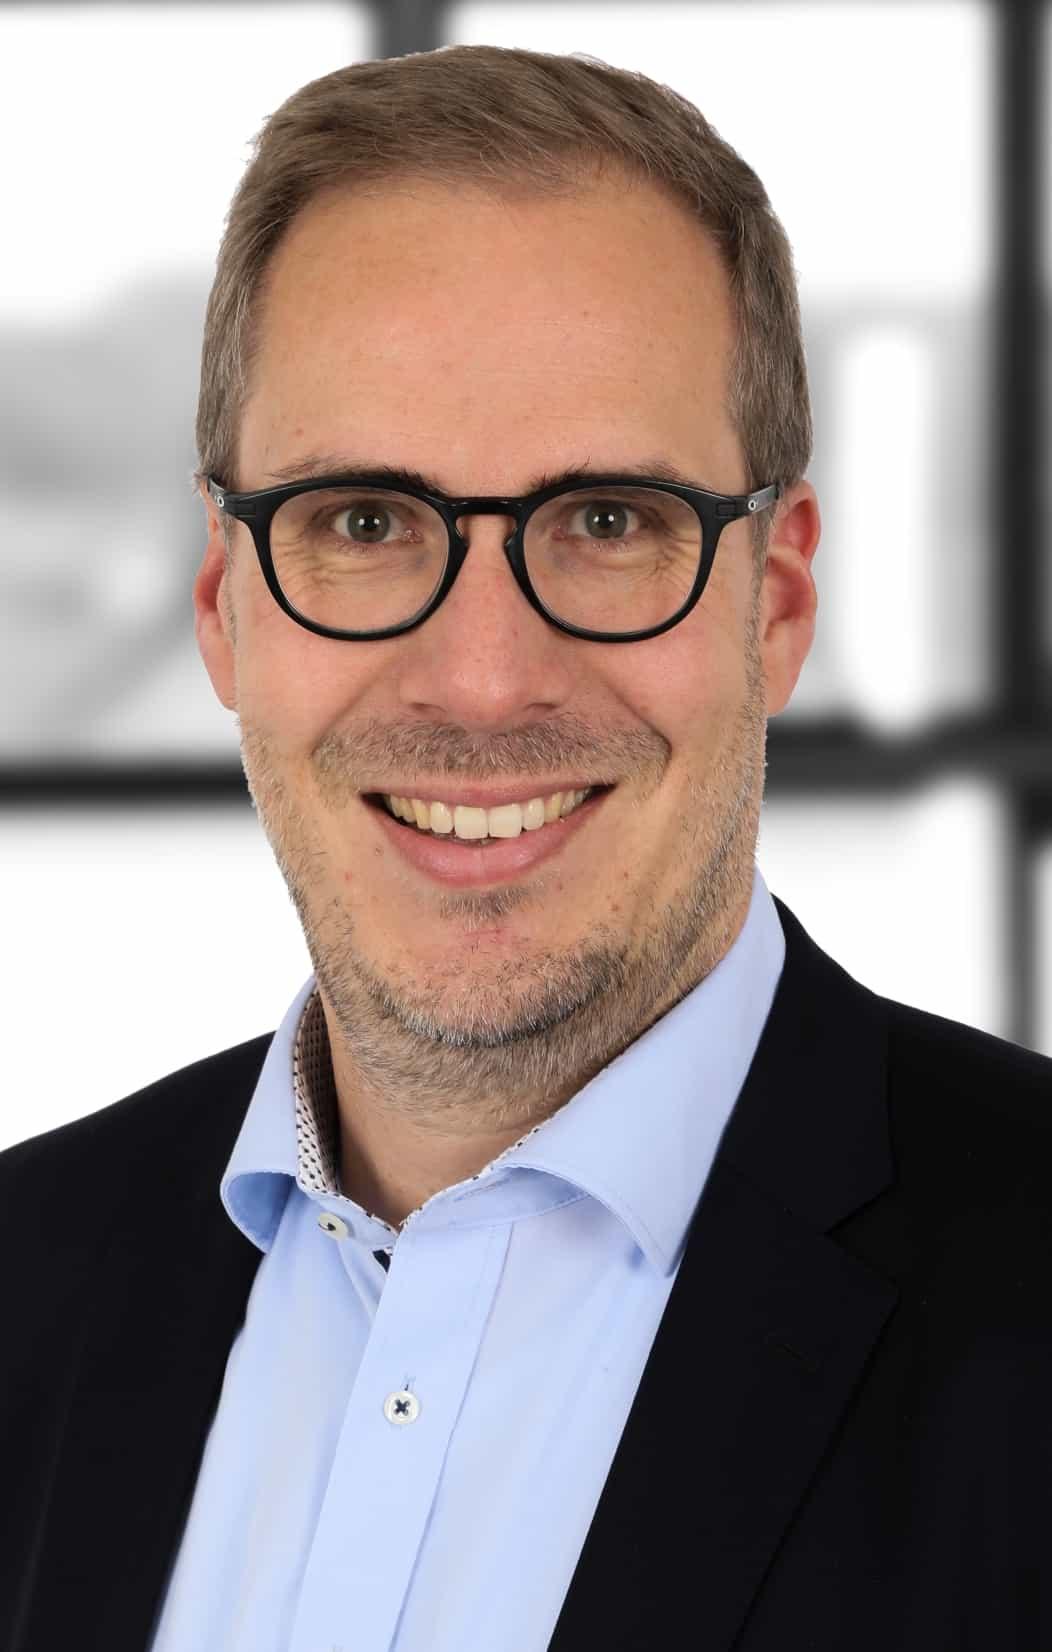 Nikolaus J. Braun